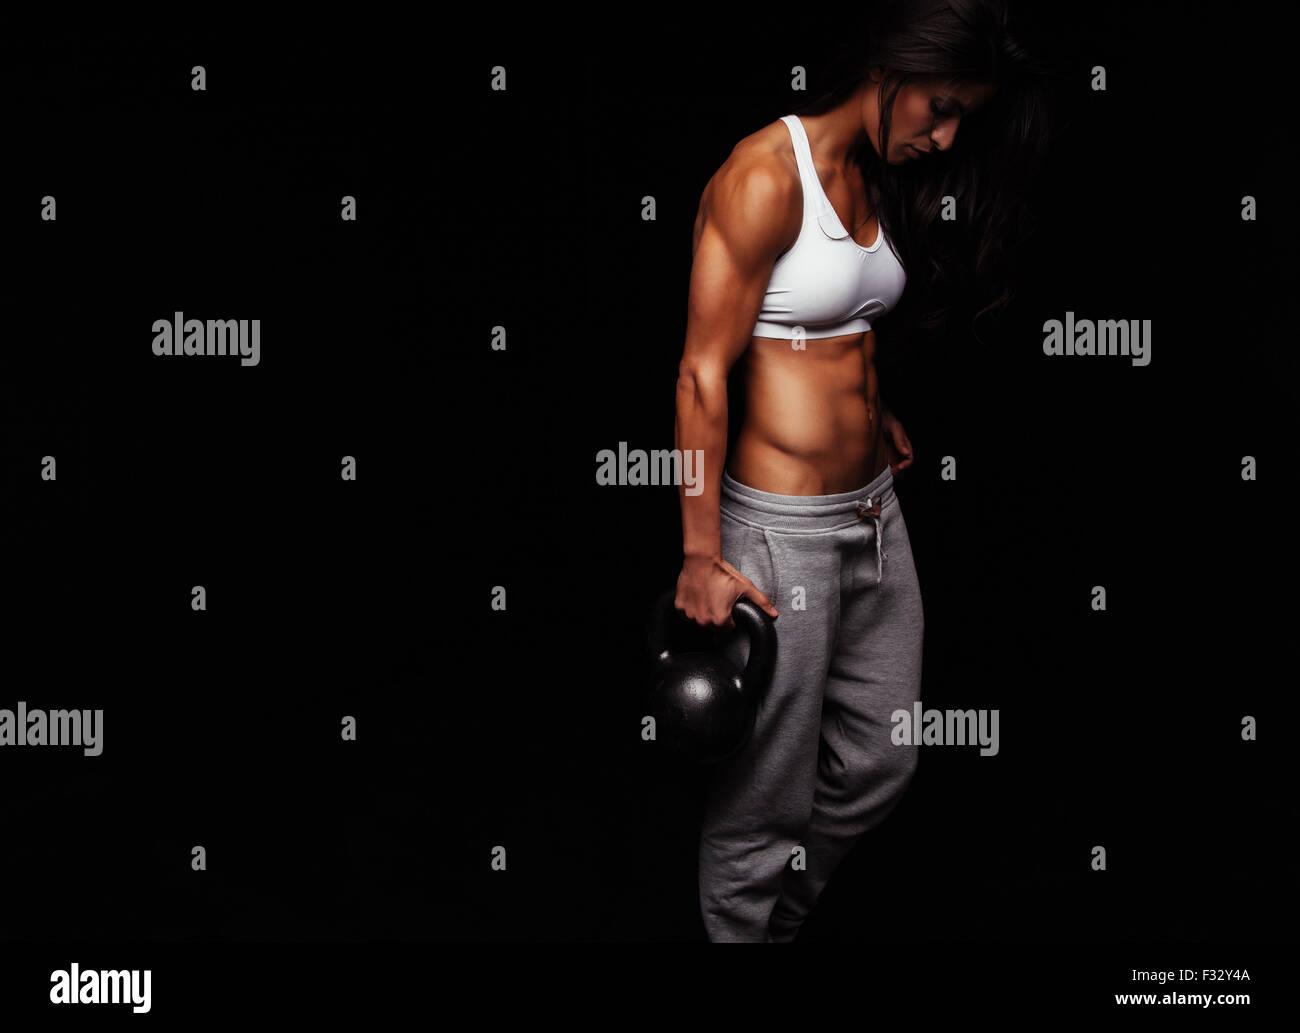 Mujer muscular haciendo ejercicio crossfit. Fitness resistente modelo femenino con hervidor bell sobre fondo negro. Imagen De Stock